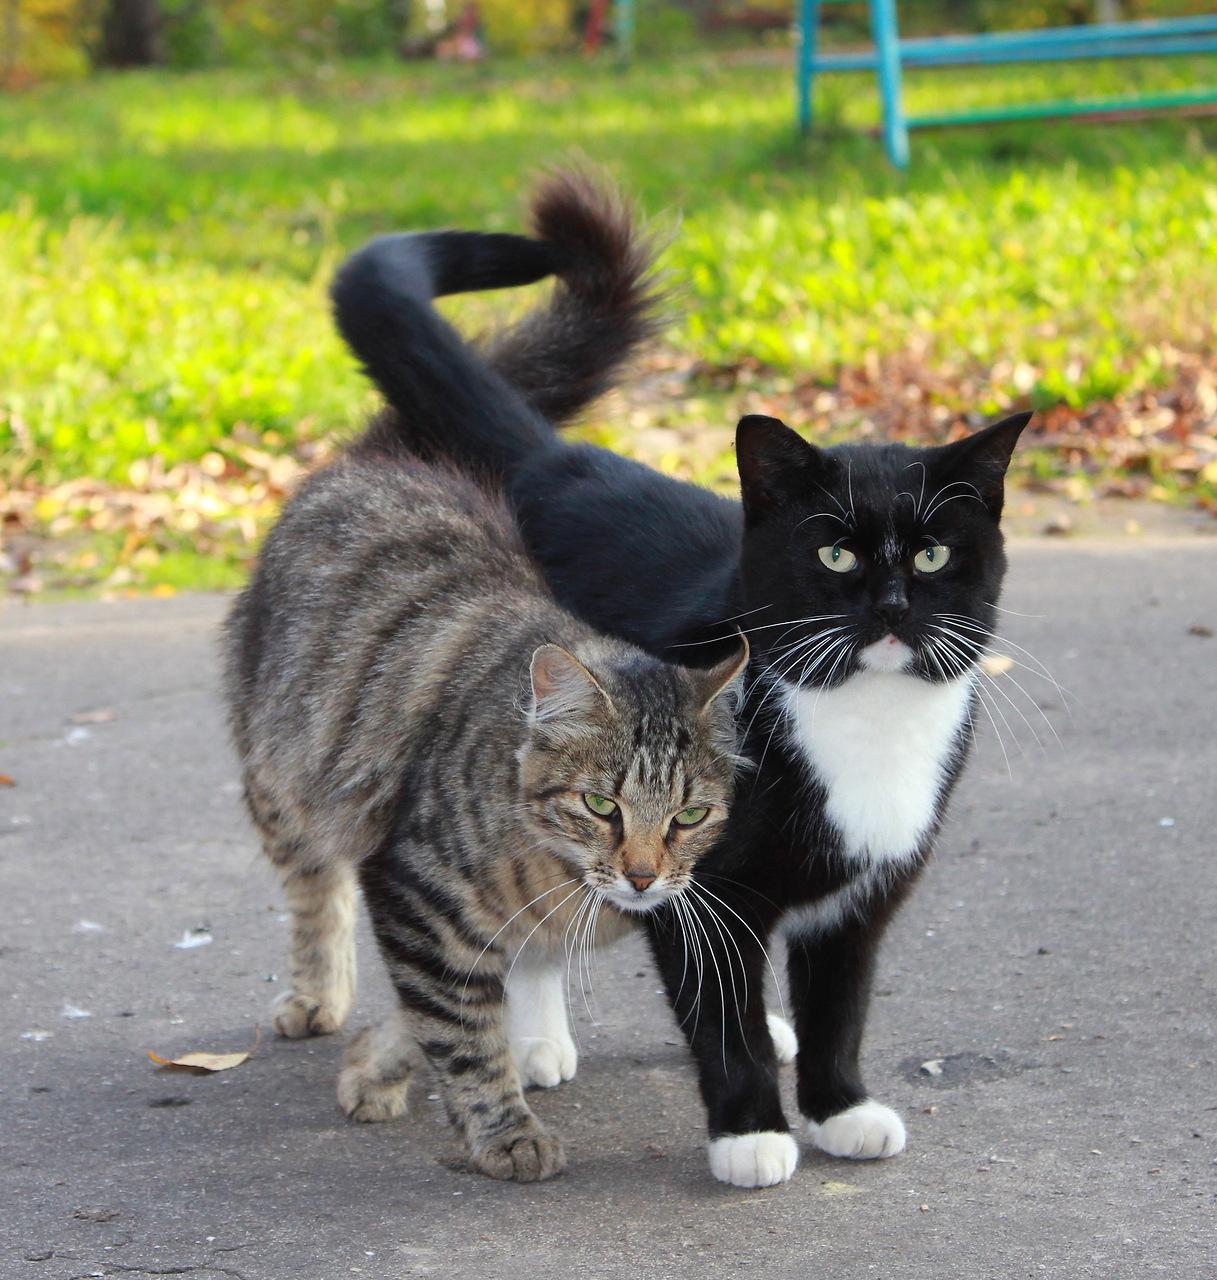 картинки кошек парами присутствии немецкого карманного